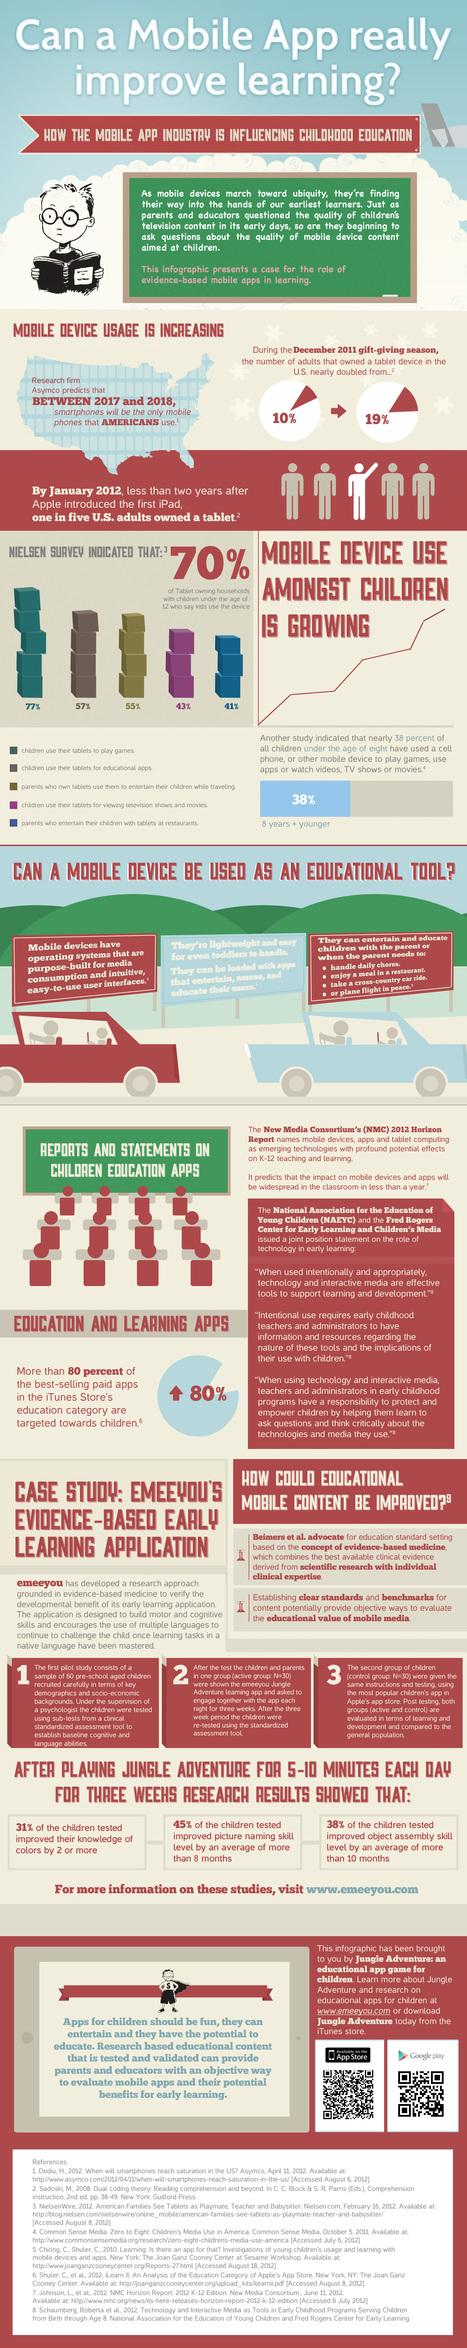 ¿Puede una APP mejorar el aprendizaje? #infografia #infographic #education   El rincón de mferna   Scoop.it